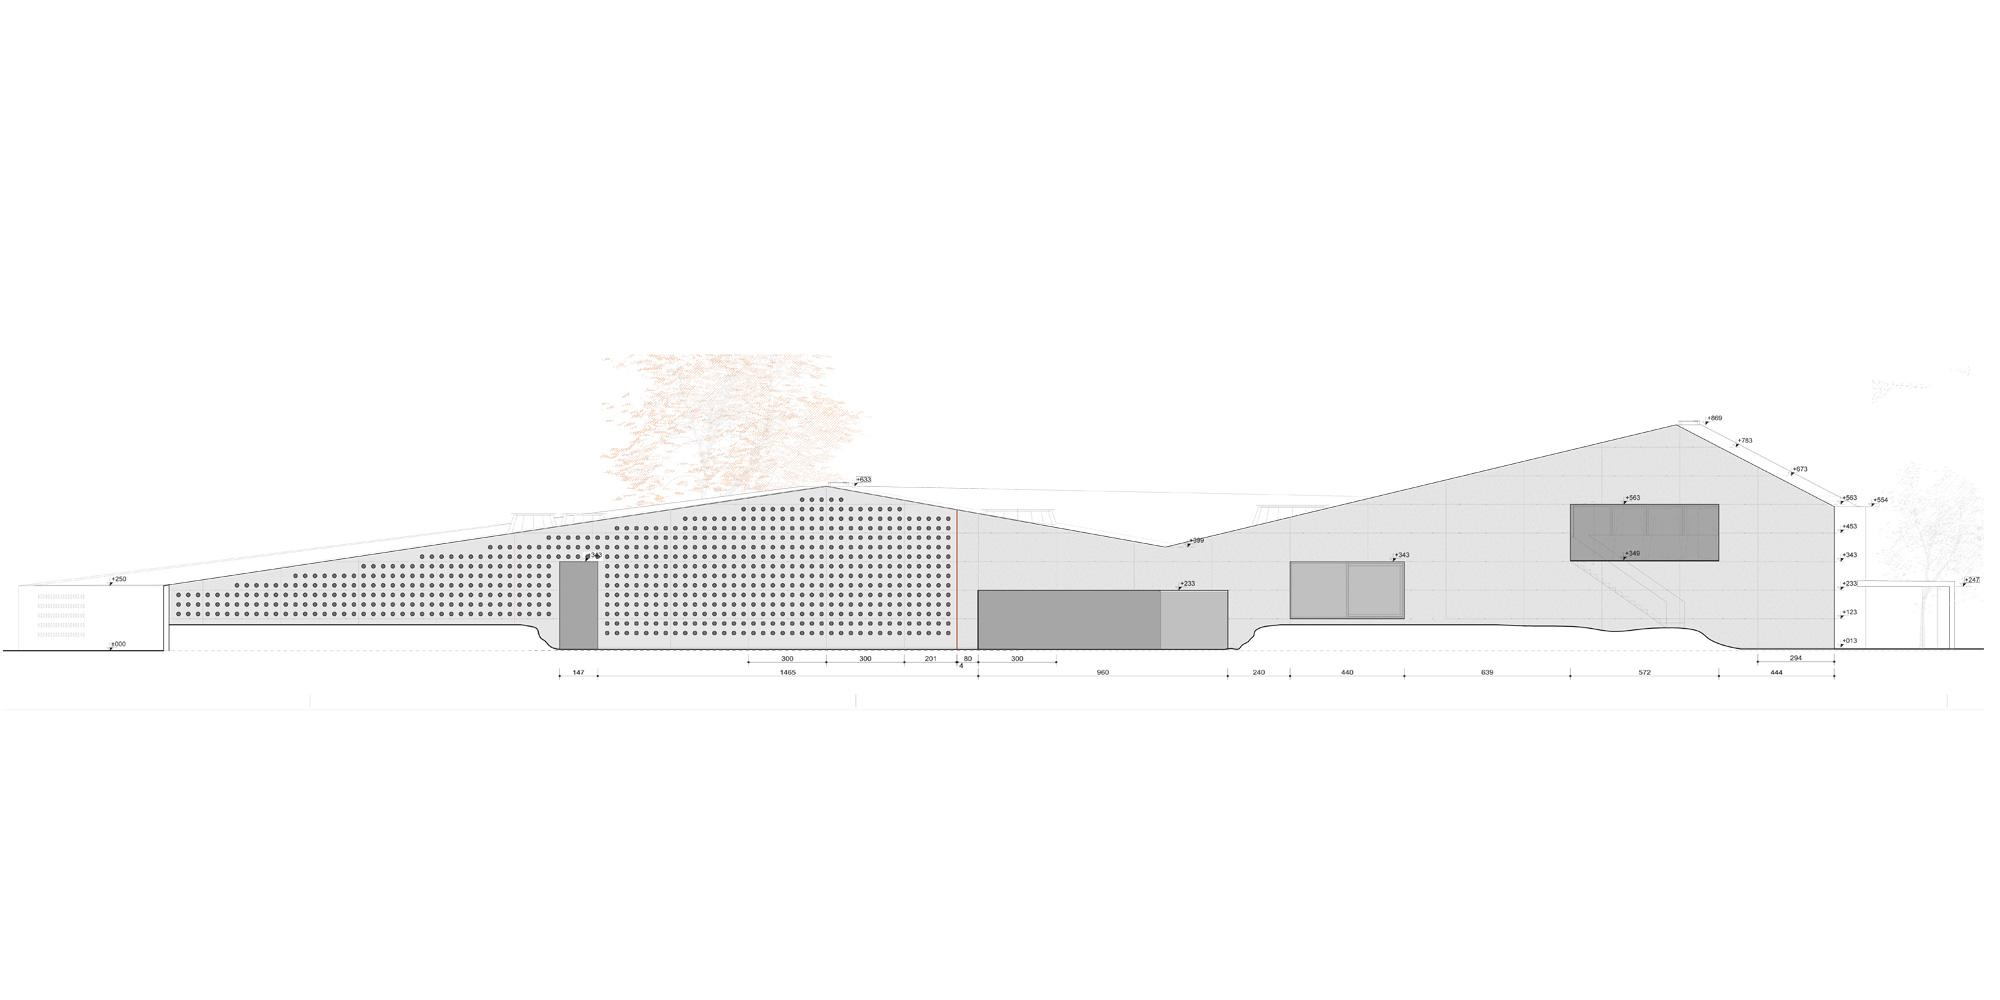 South elevation © Studio Davanzo Architetti